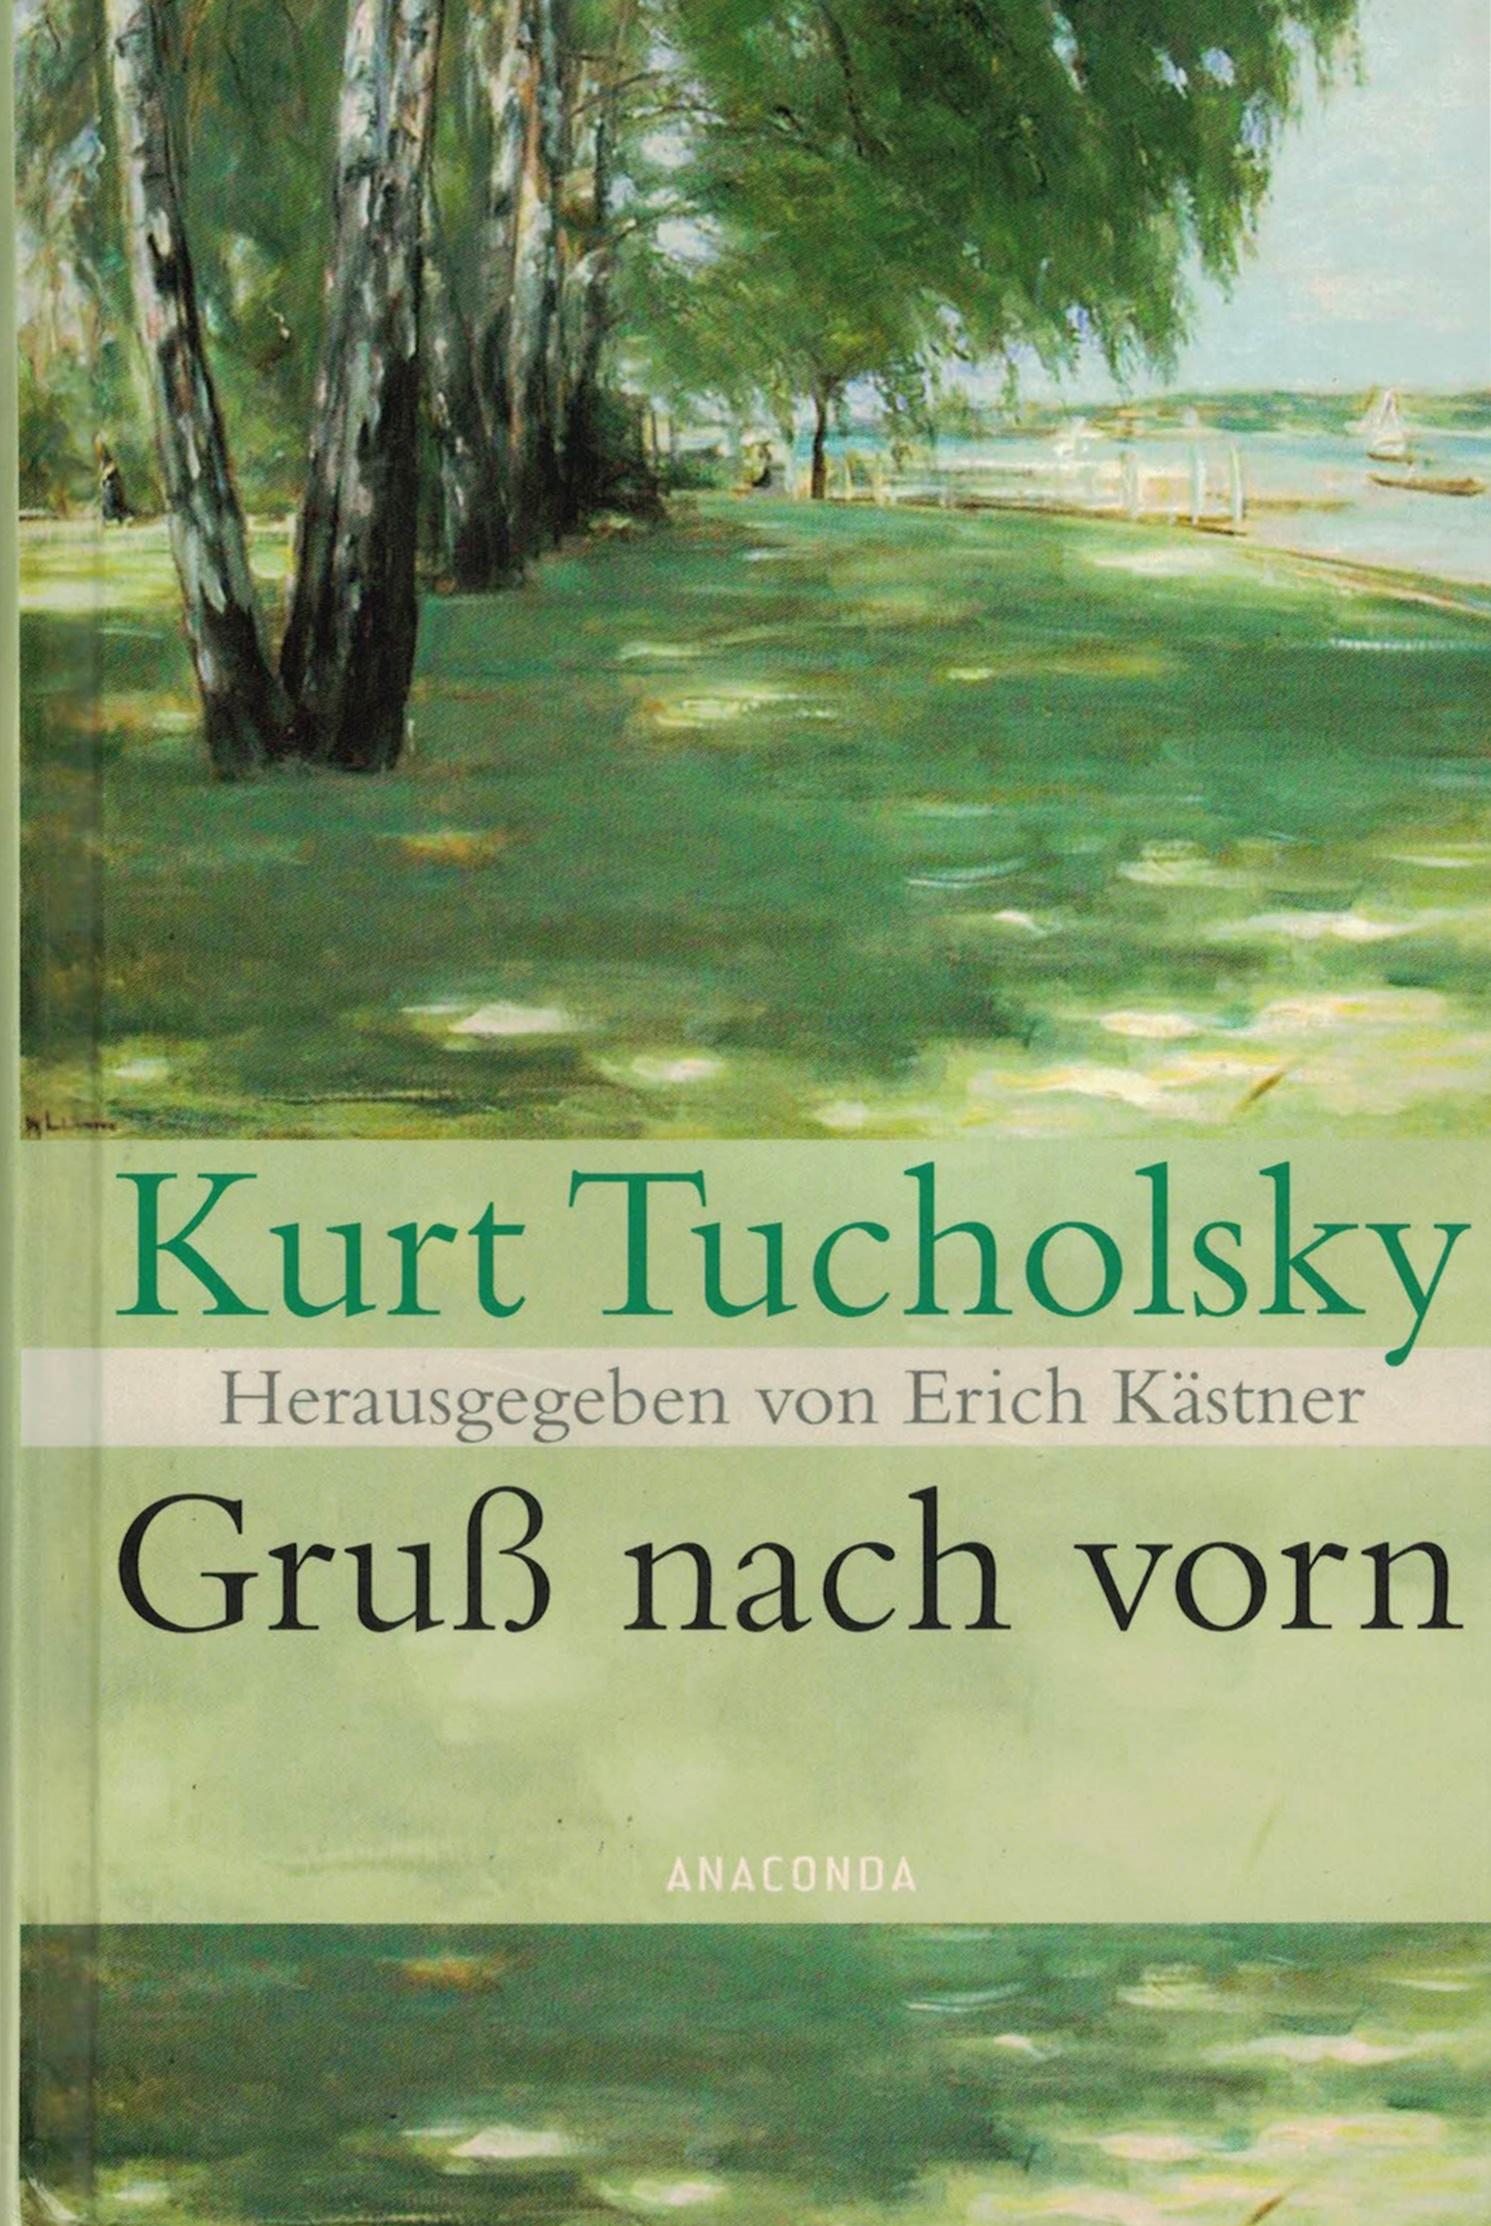 Kurt Tucholsky - Gruß nach vorn